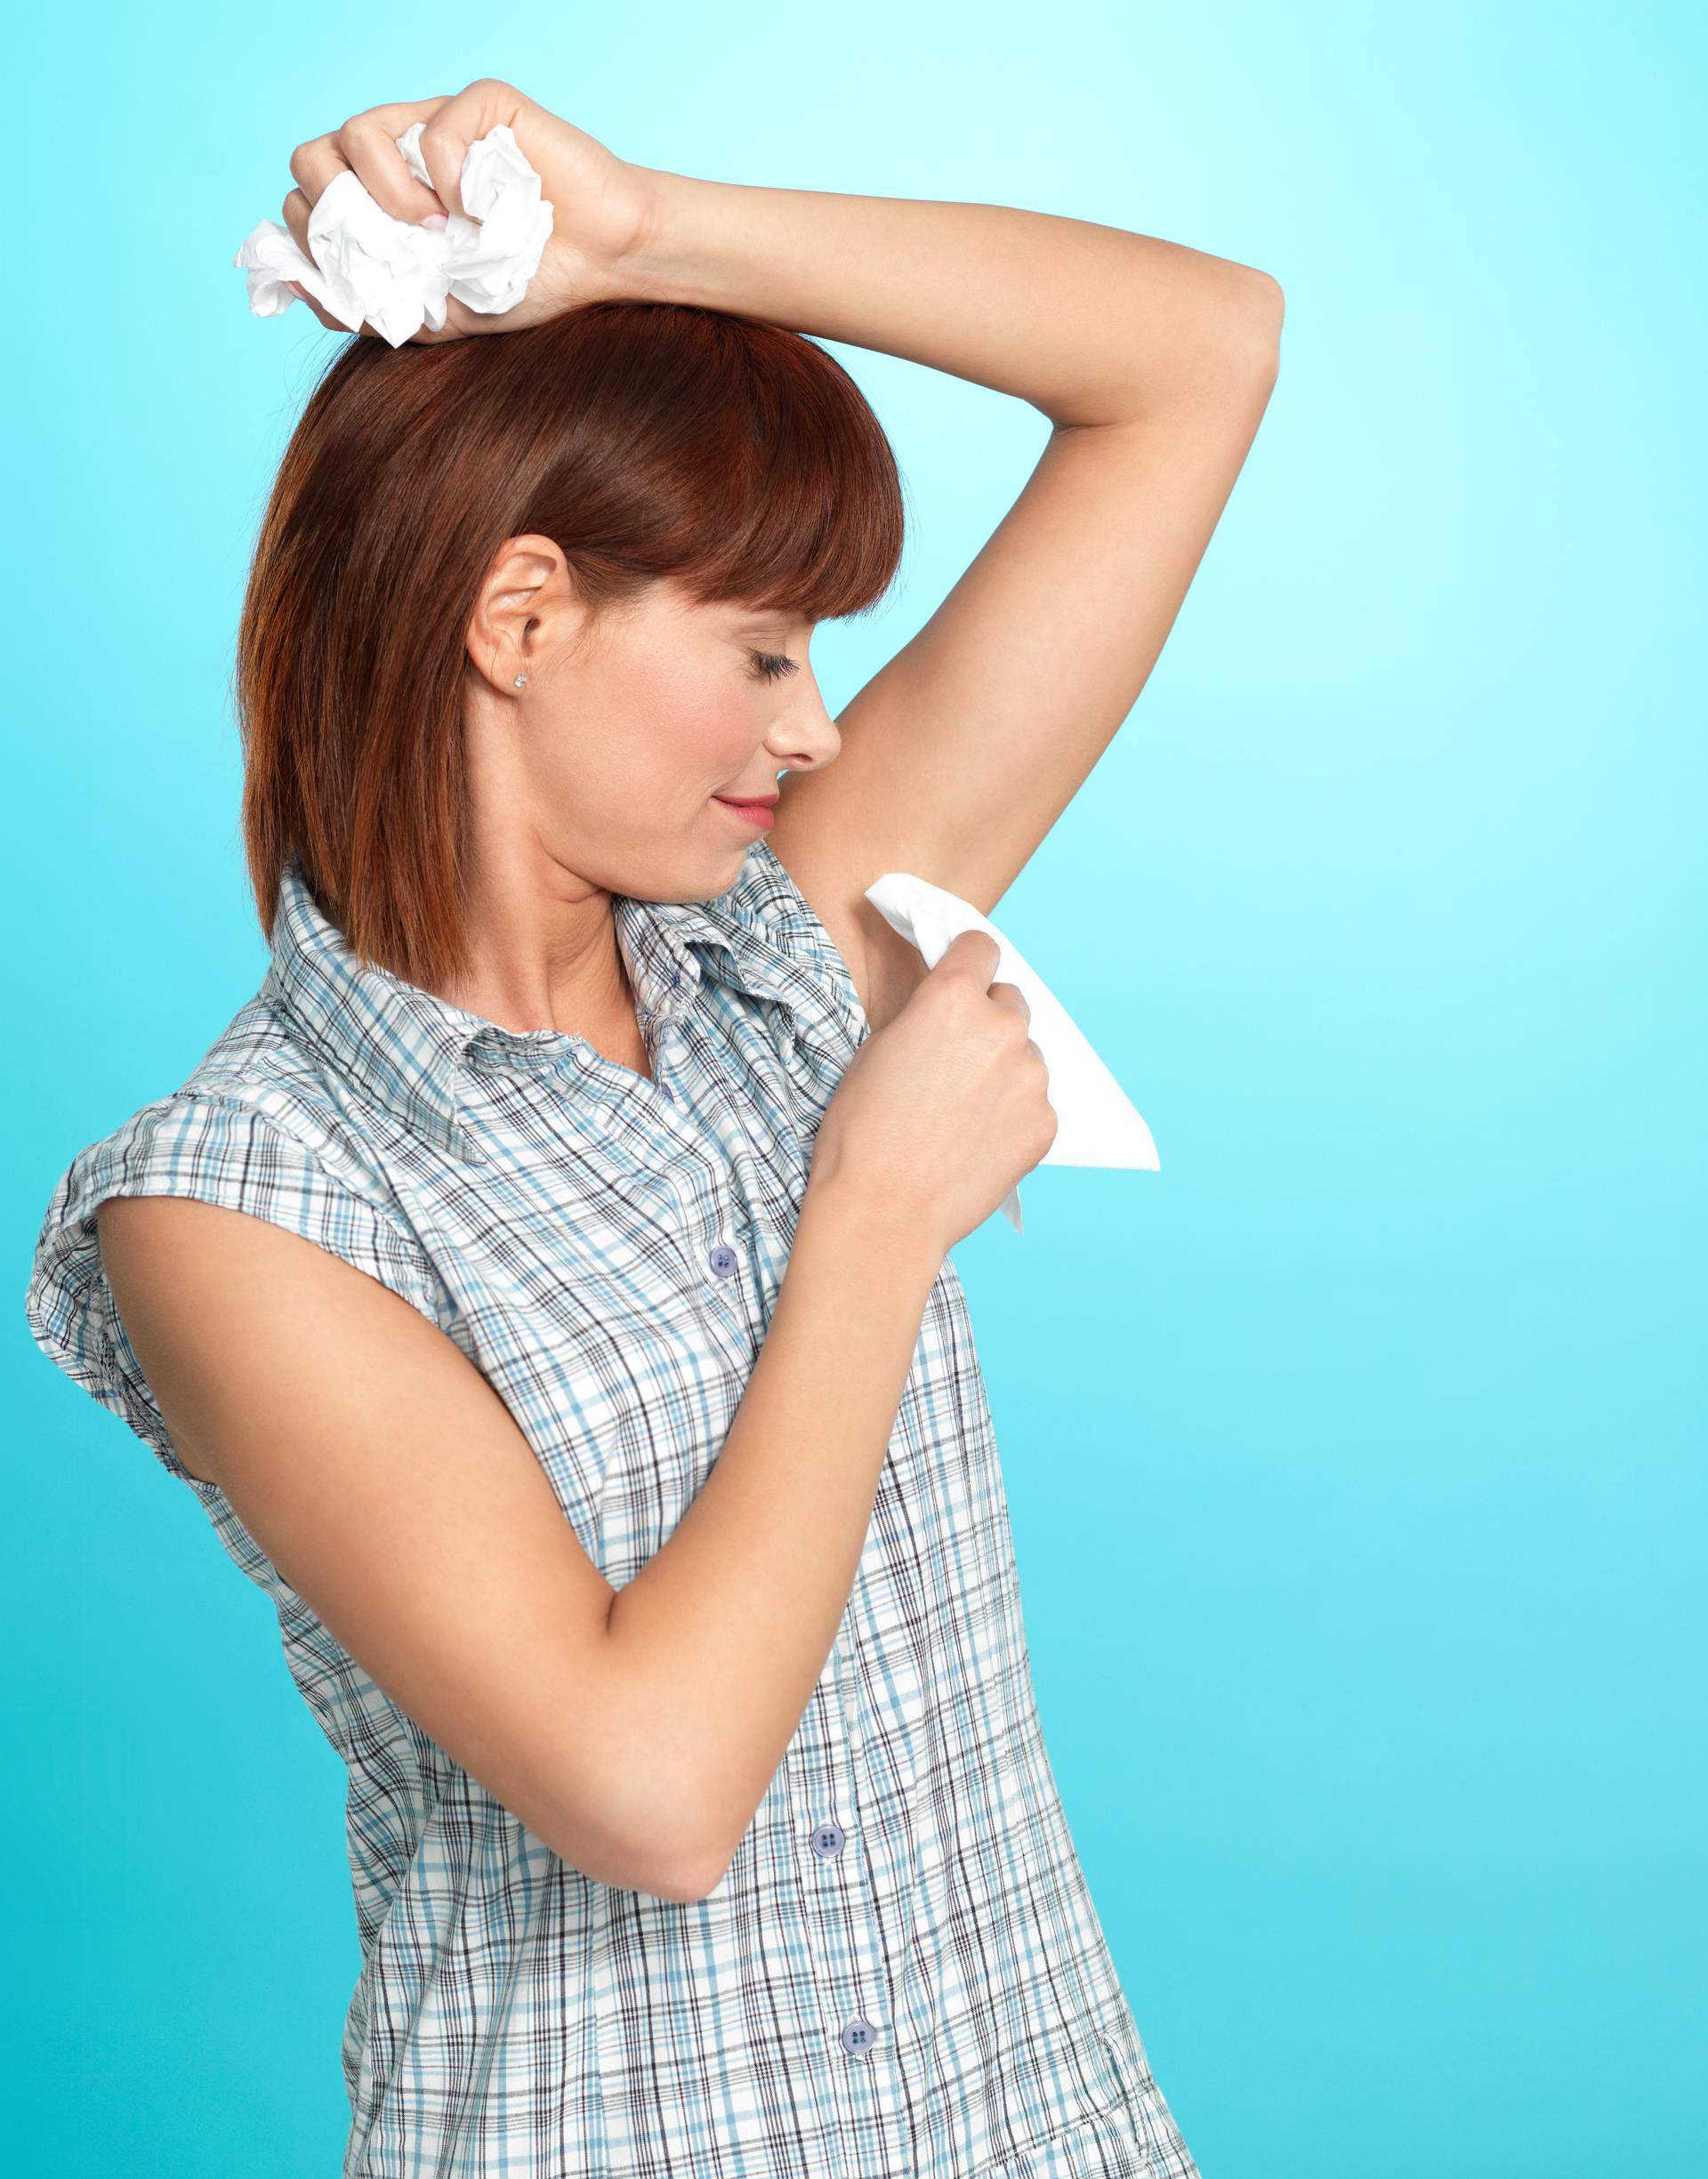 Jako se znojite ispod pazuha? Evo kako riješiti taj problem